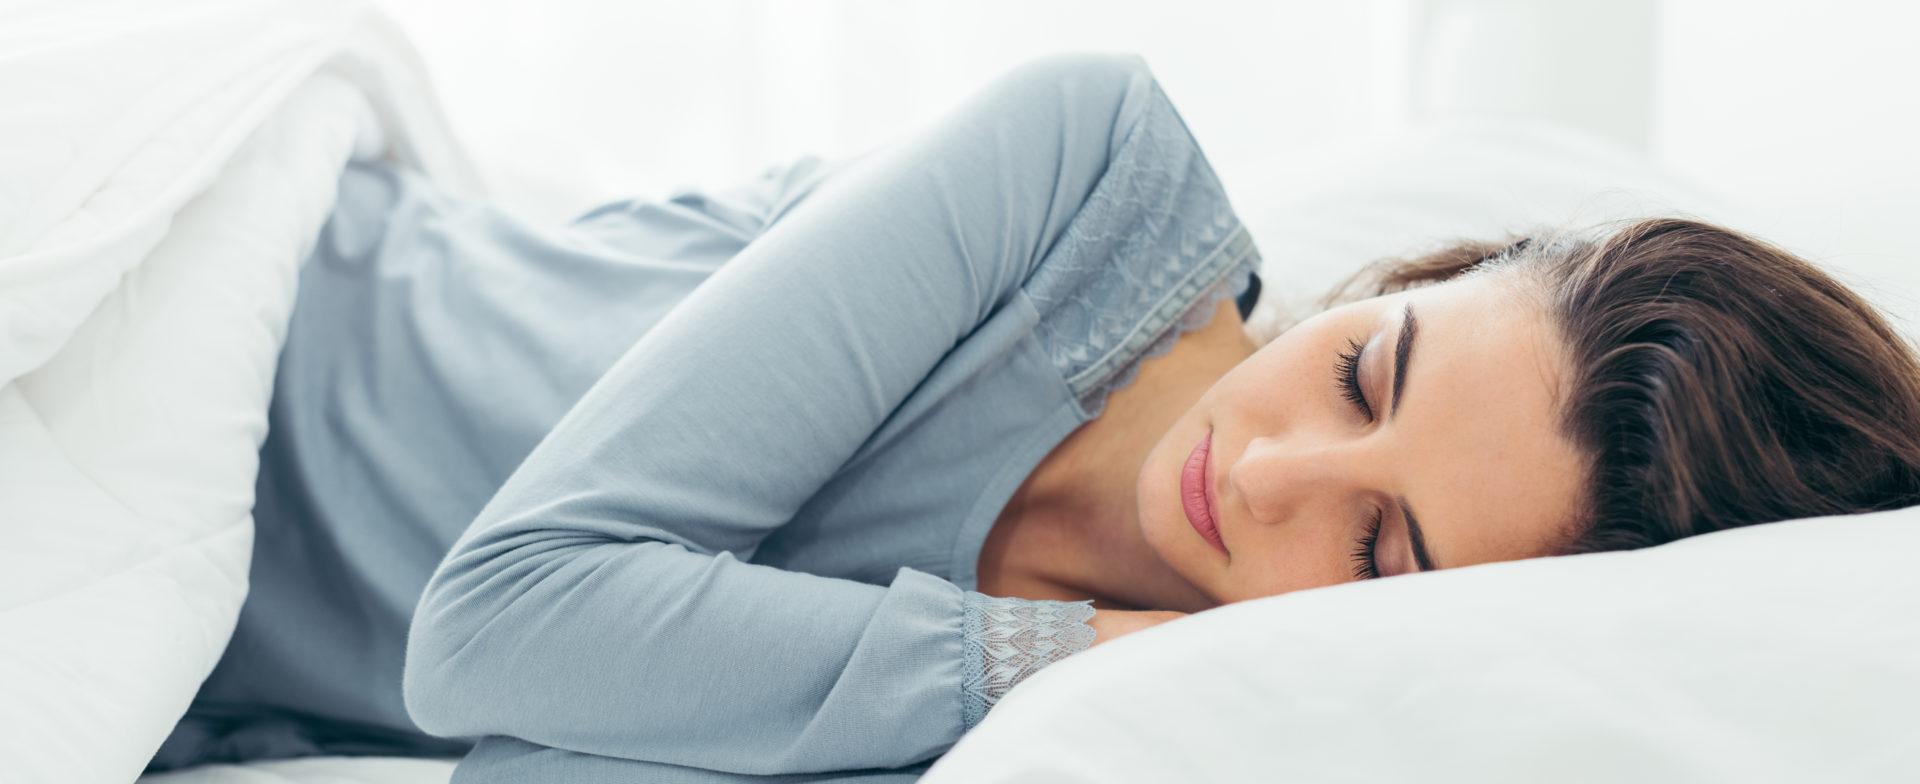 guter schlaf foerdert gesundheit